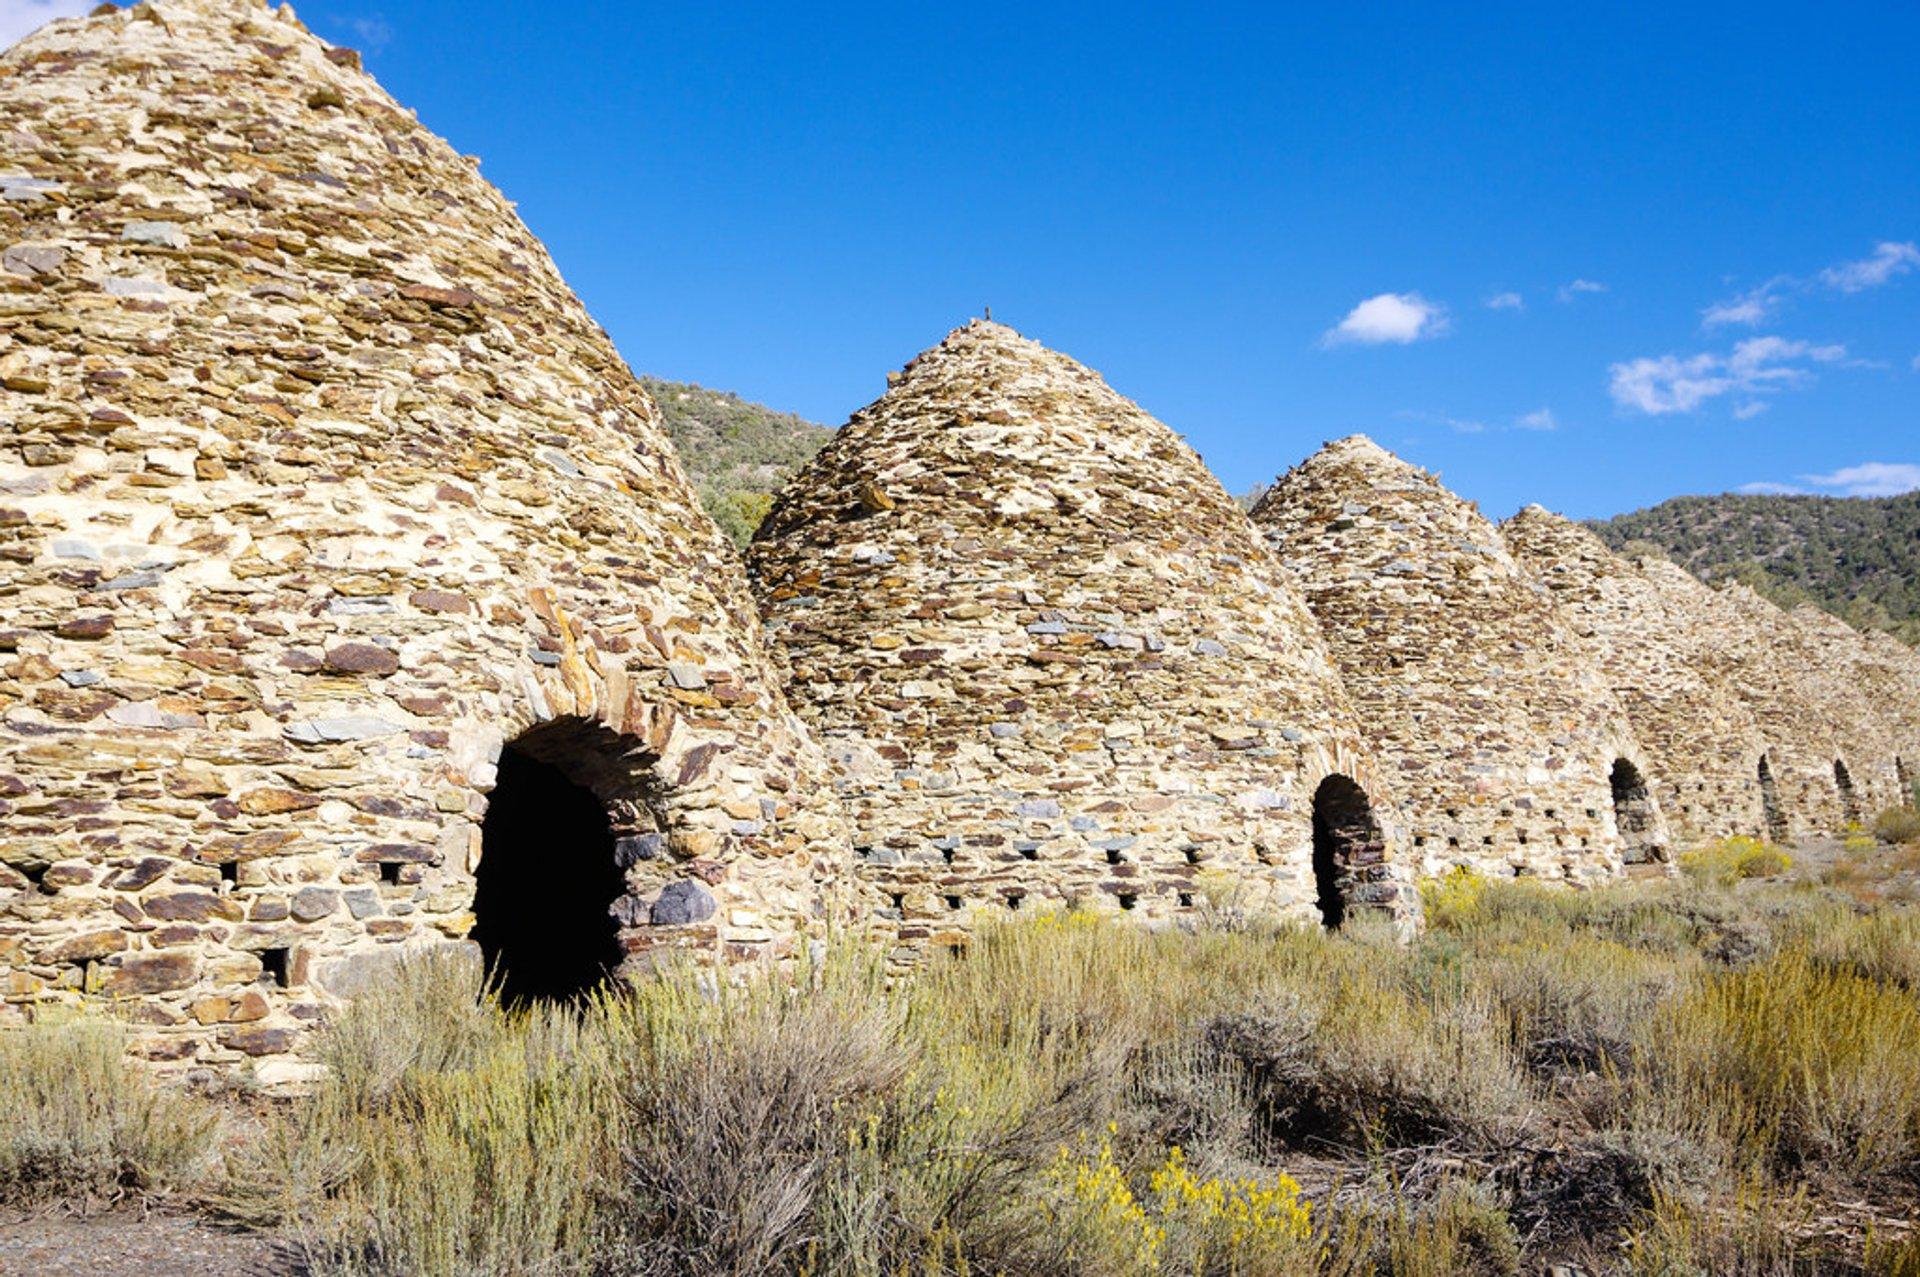 Wildrose Charcoal Kilns in Death Valley - Best Season 2019